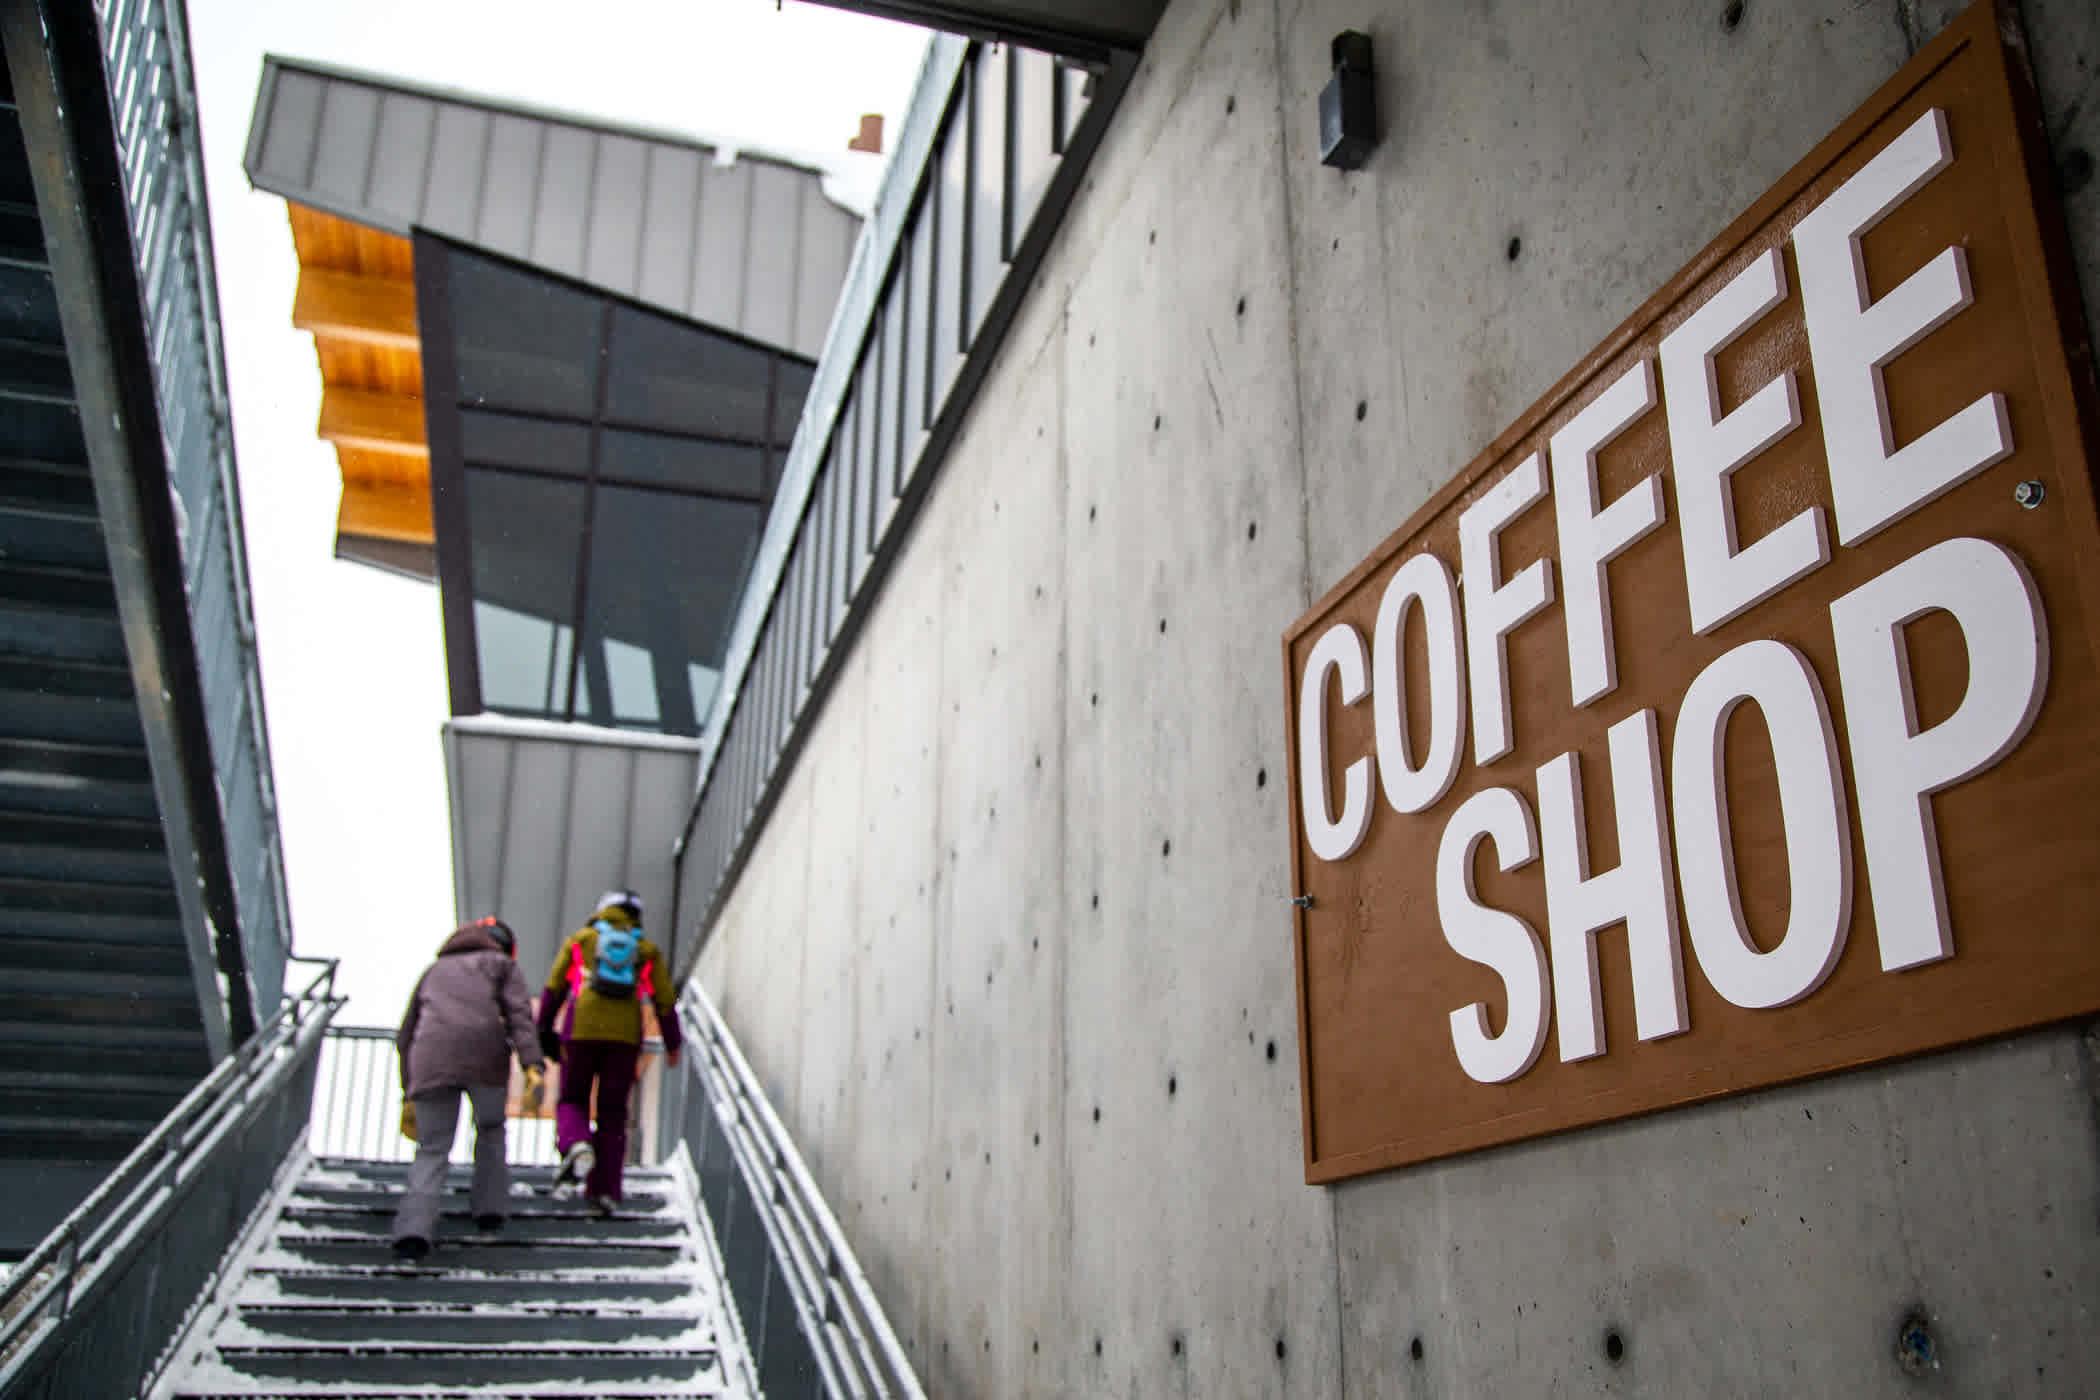 Cecret Coffee near Sugarloaf lift